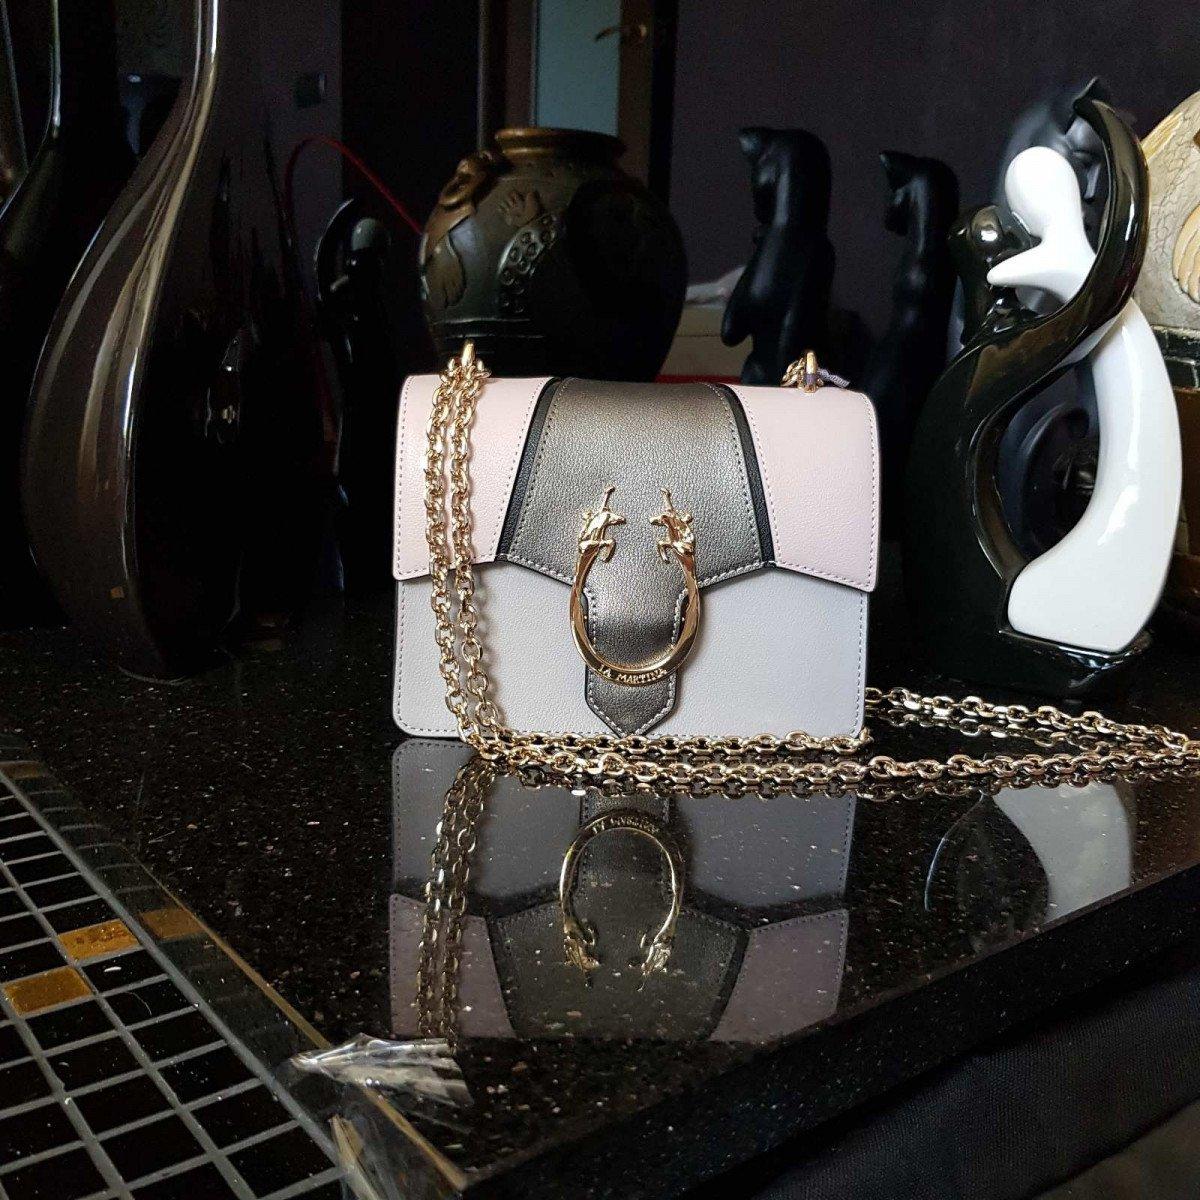 Женская кожаная сумка La Martina 41W359 O0032 opal g rose g pewt из натуральной кожи